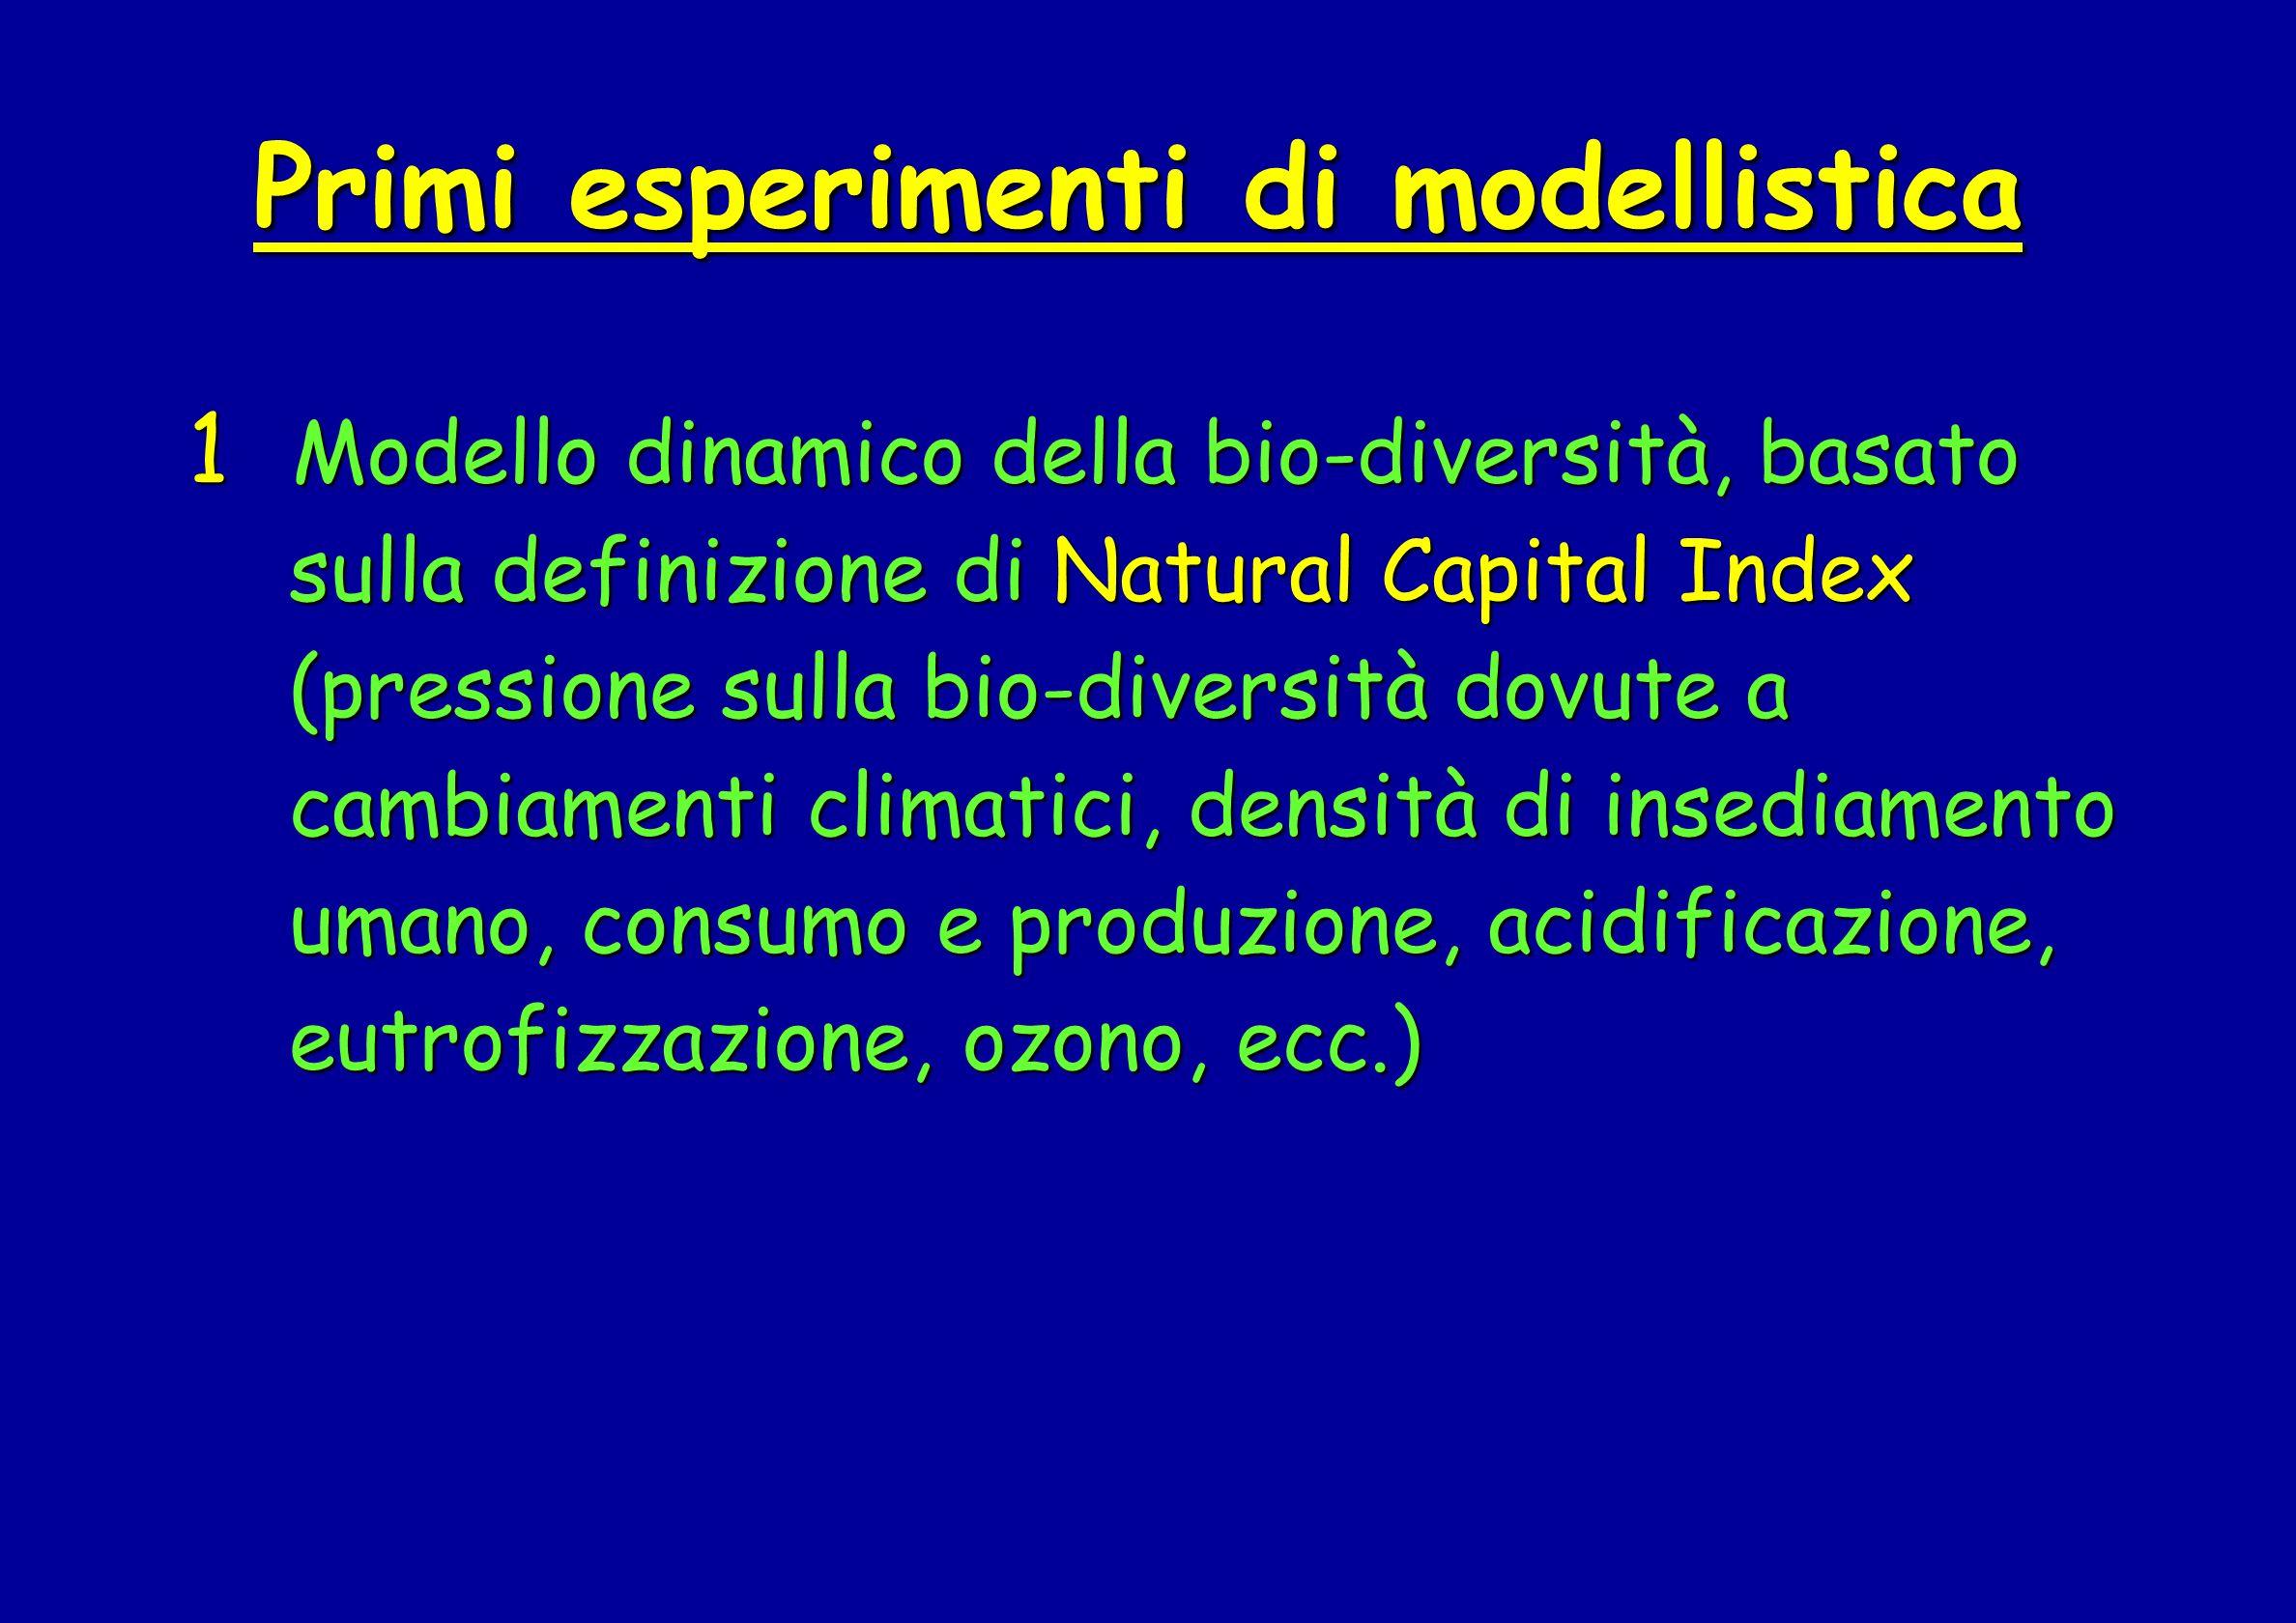 Primi esperimenti di modellistica 1 Modello dinamico della bio-diversità, basato sulla definizione di Natural Capital Index sulla definizione di Natur